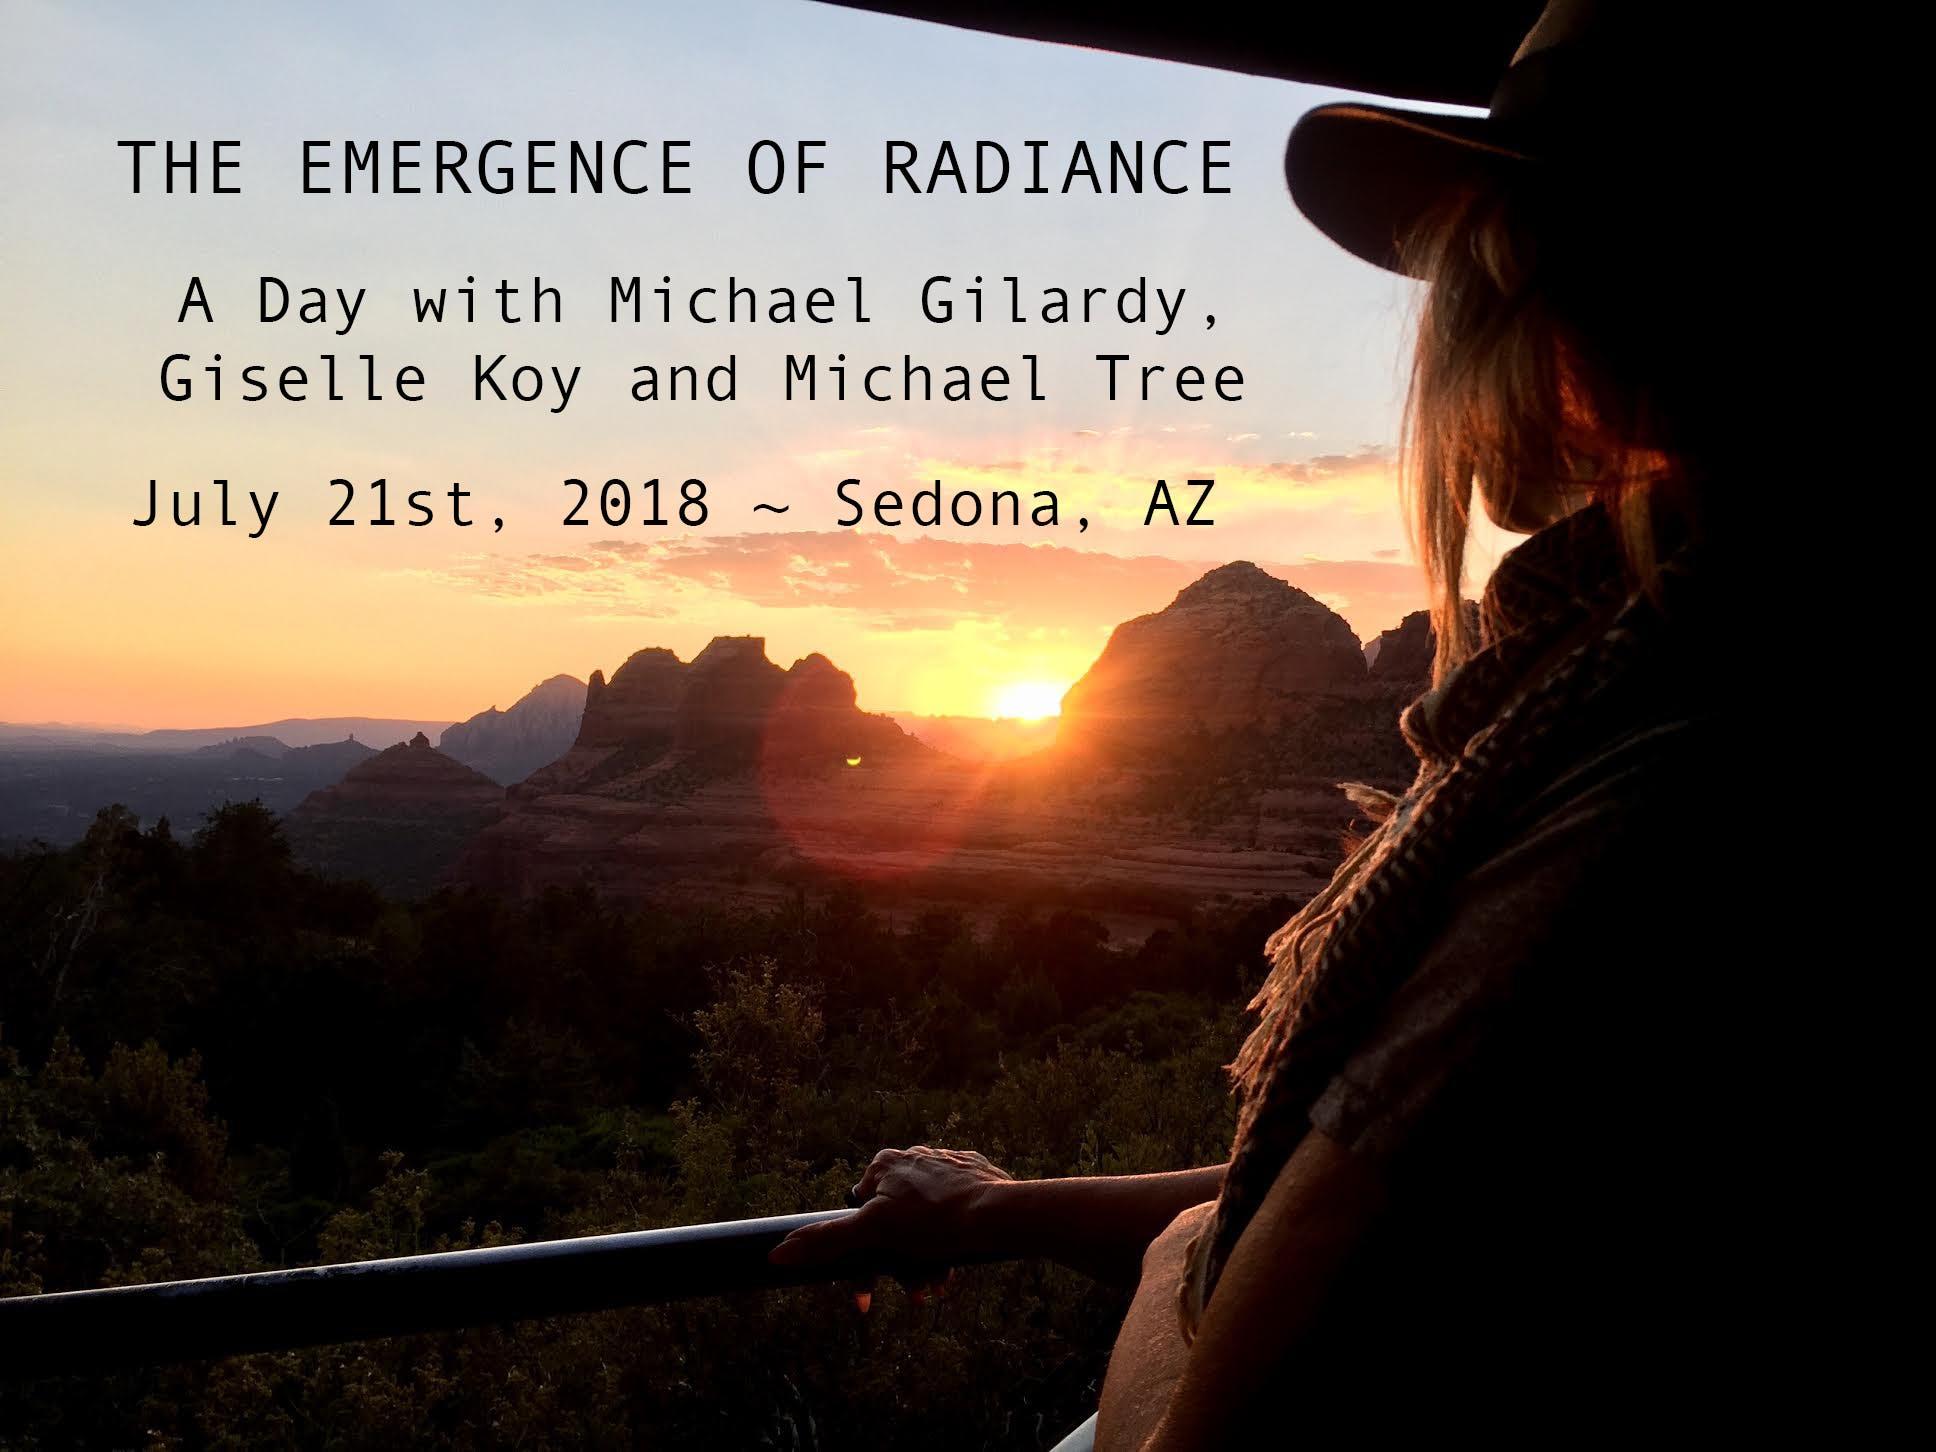 The Emergence of Radiance